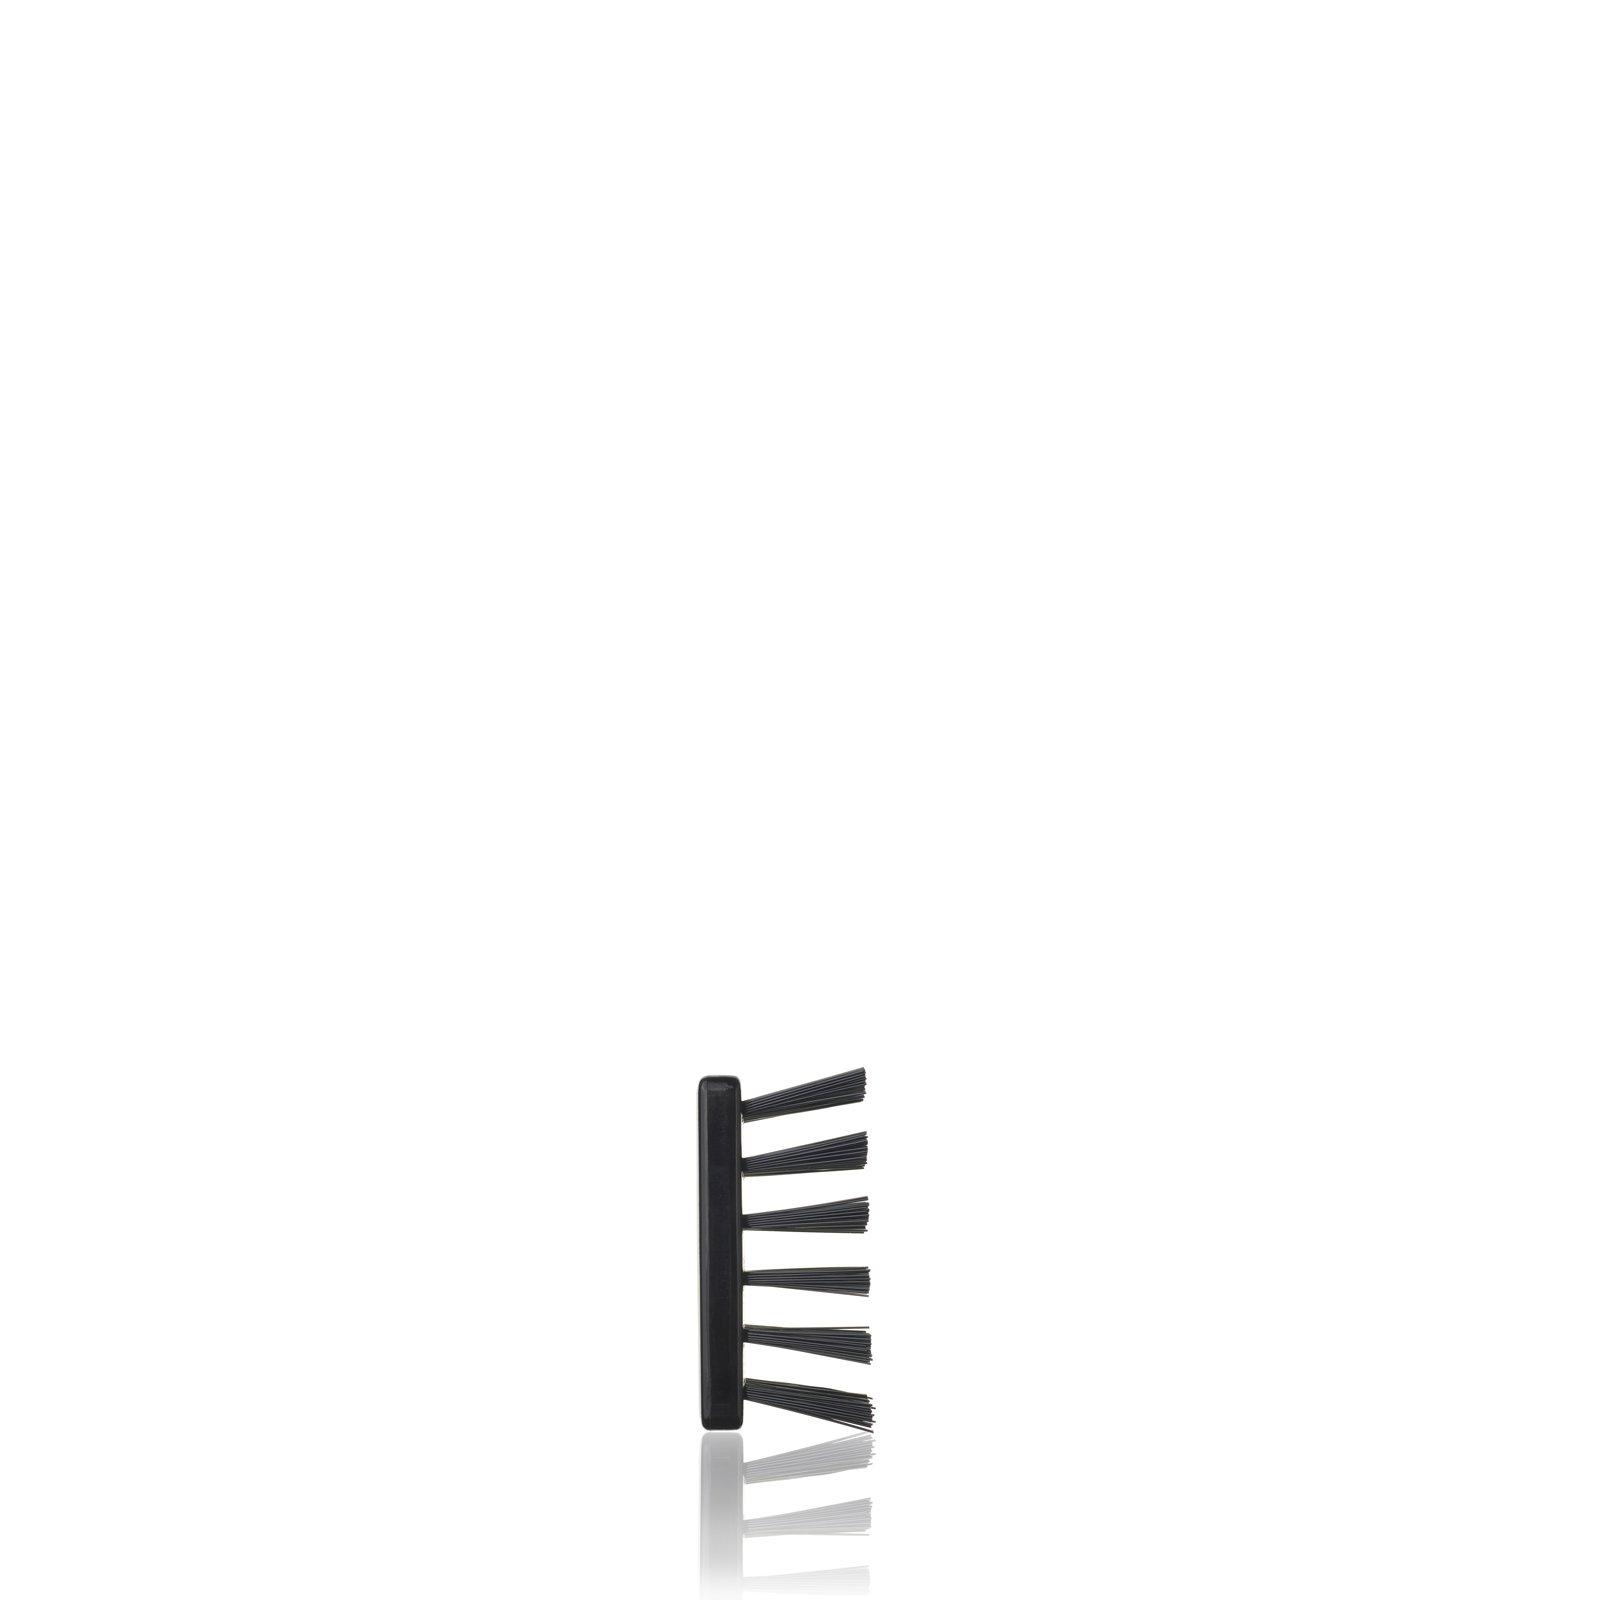 B2 Small Extra Hairbrush from Mason Pearson (Ivory)